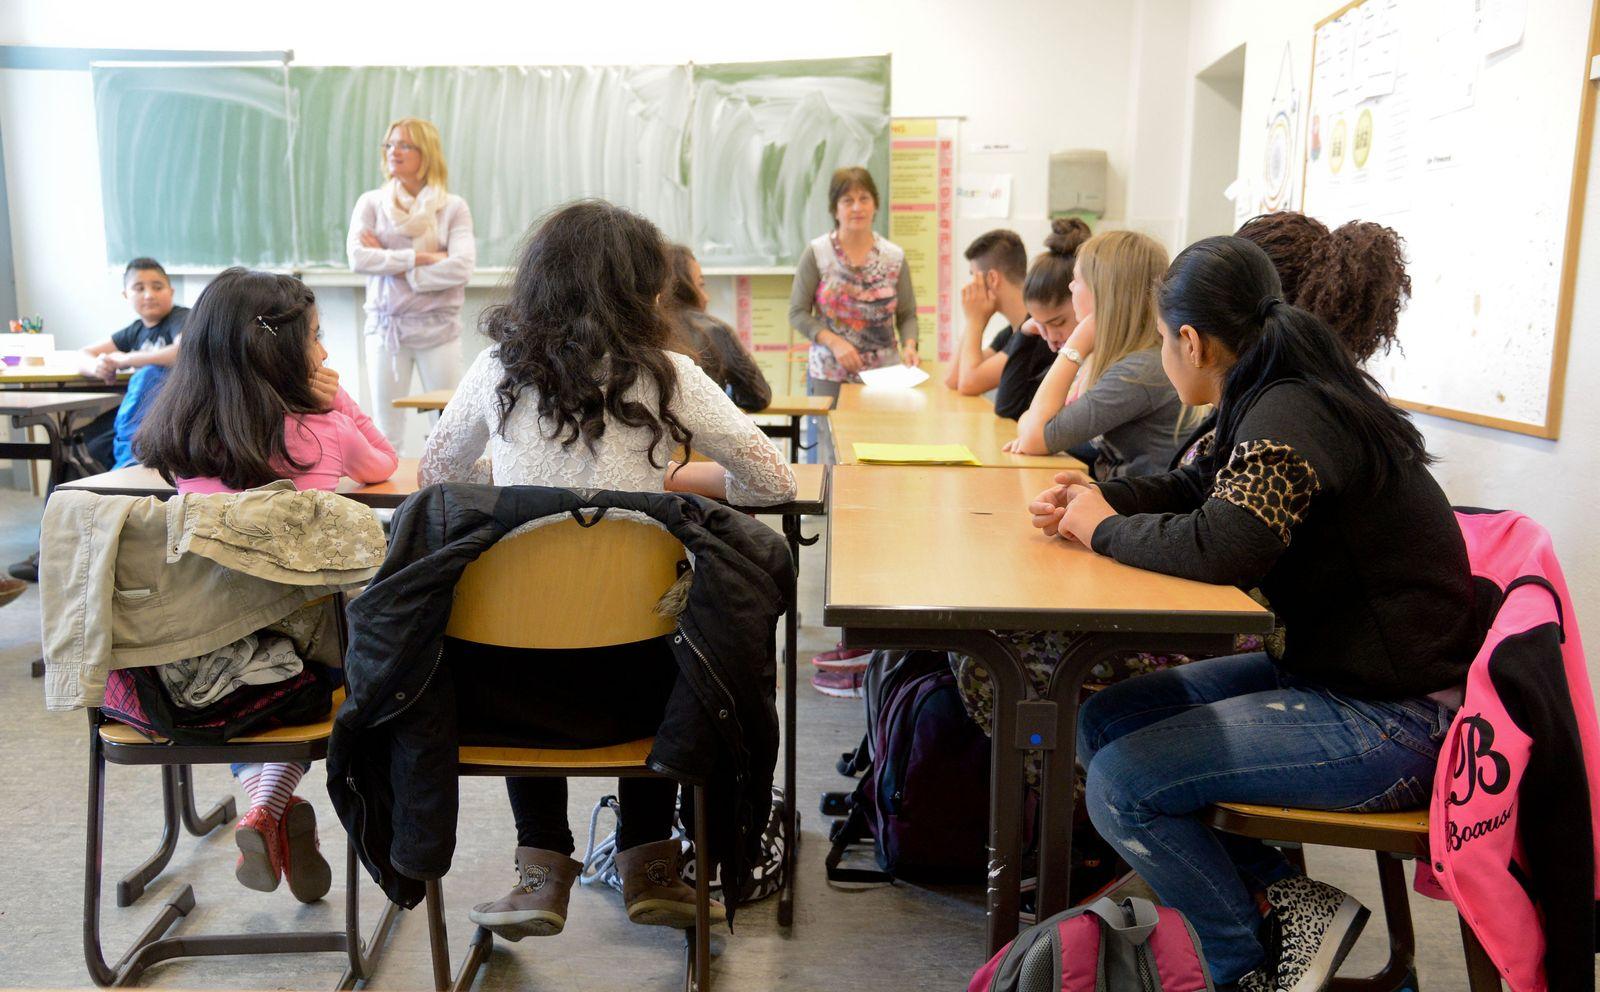 Minderjährige Flüchtlinge in Sprachlernklasse